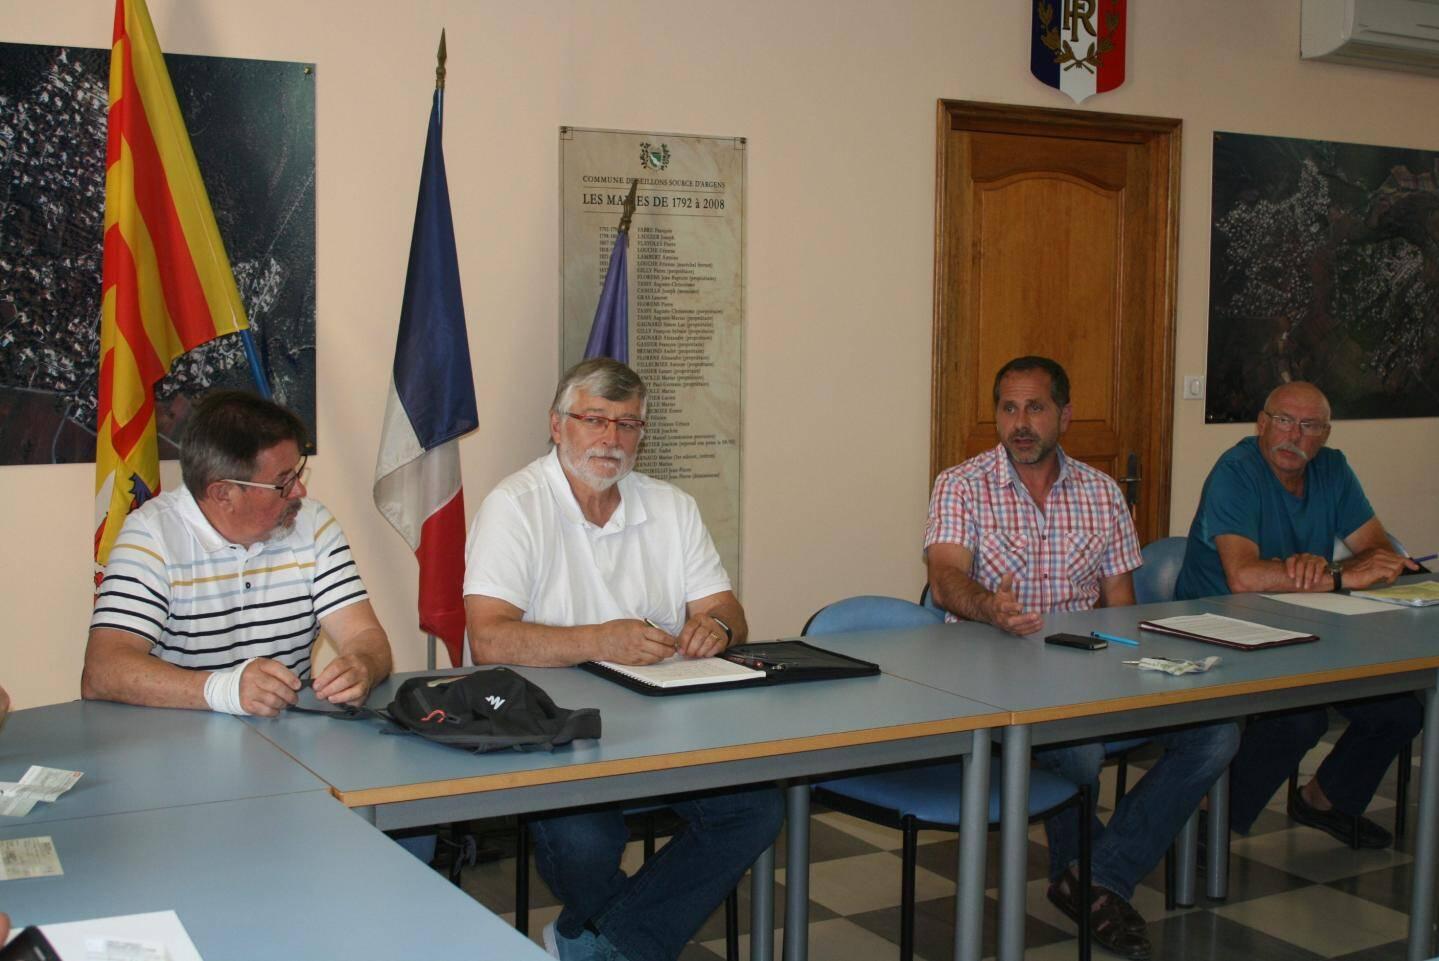 Le nouveau président de l'amicale du CCFF à la droite du maire.